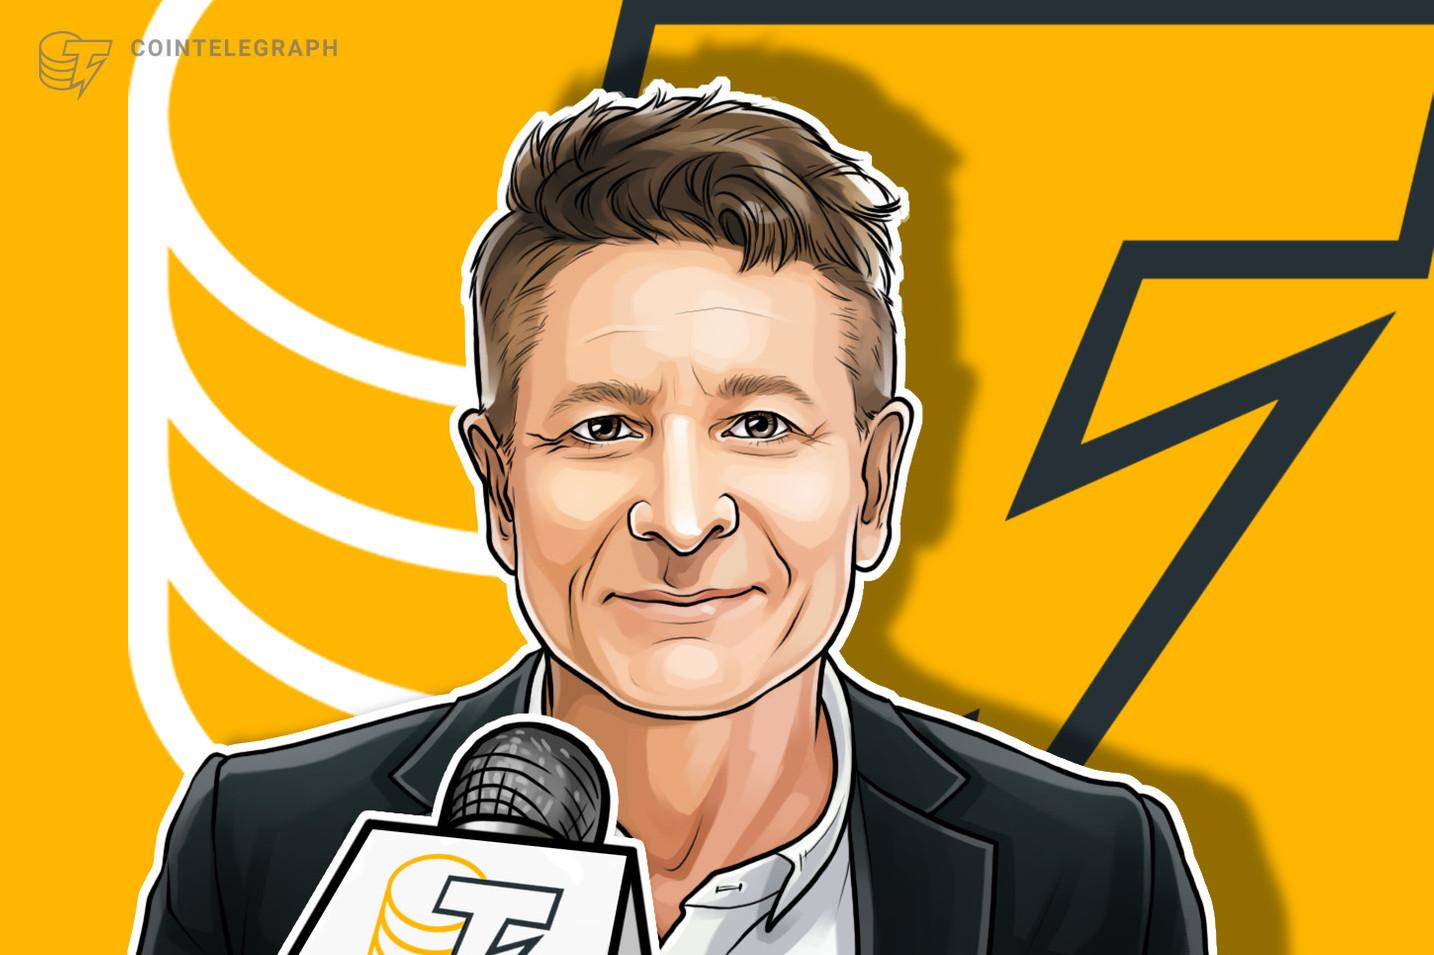 """CEO de Eurocoinpay: """"Las criptomonedas son una genialidad y crearán un mundo financiero más transparente"""""""